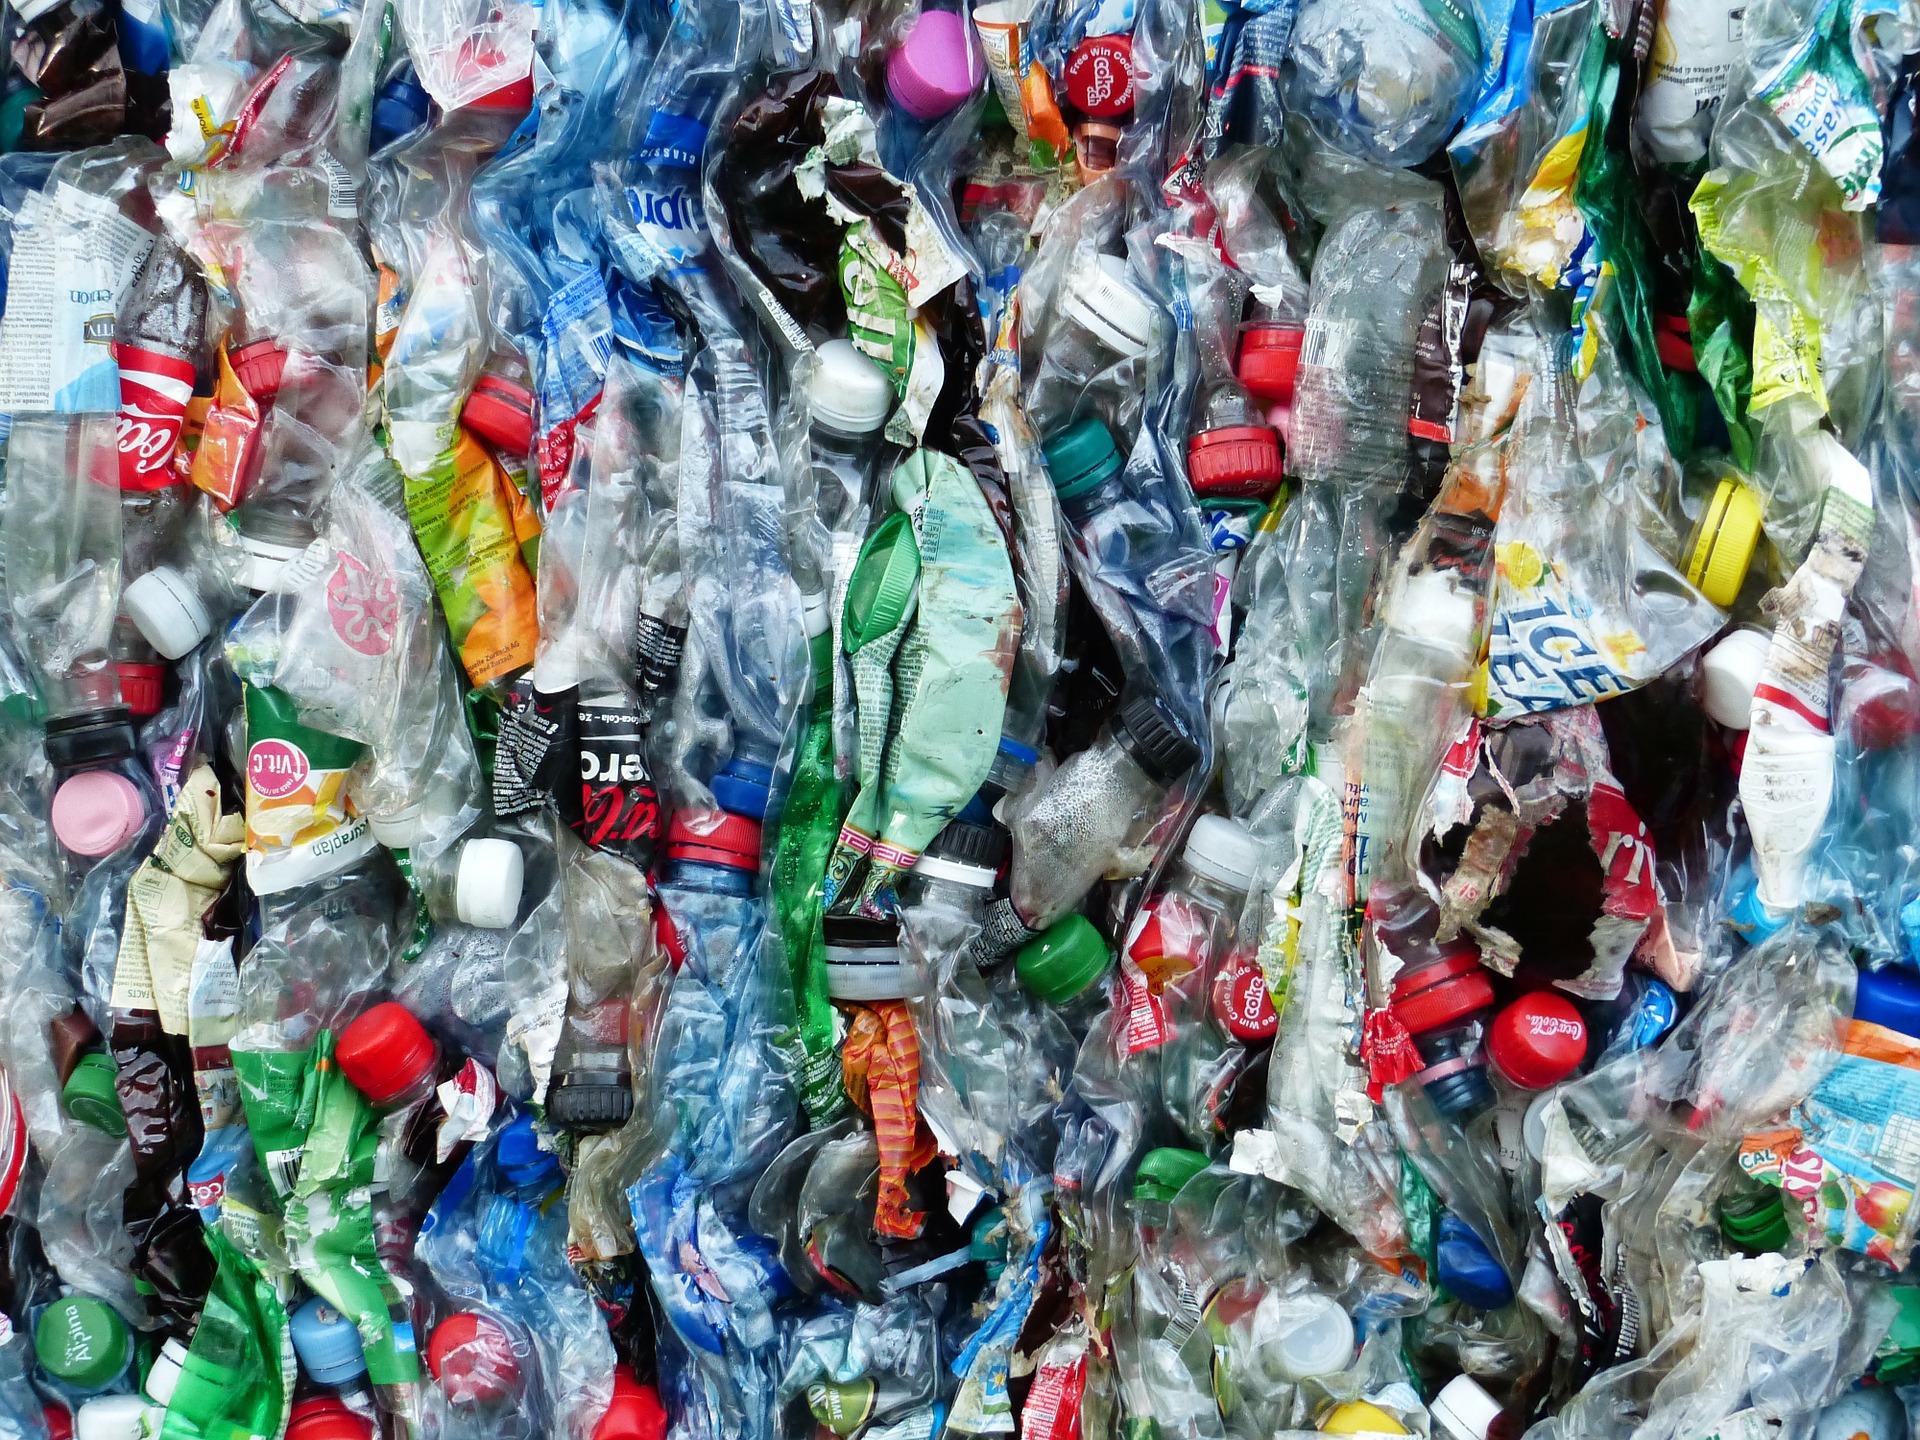 日本では年間、一人当たり183本のペットボトルを消費している。 -